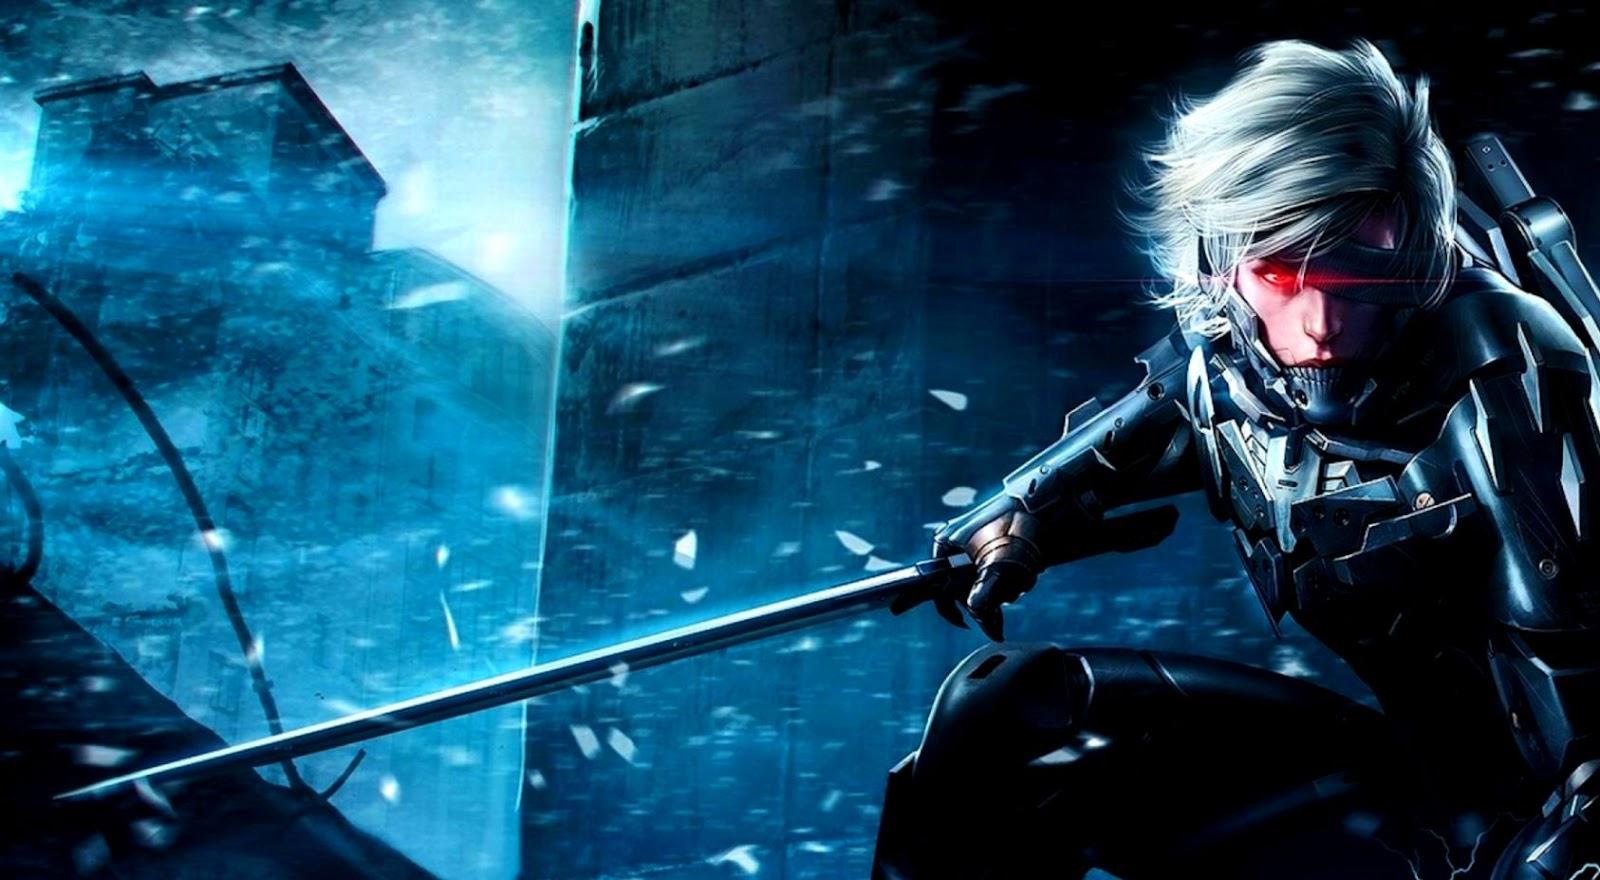 Metal Gear Rising Hd Wallpaper Wallpapers Box